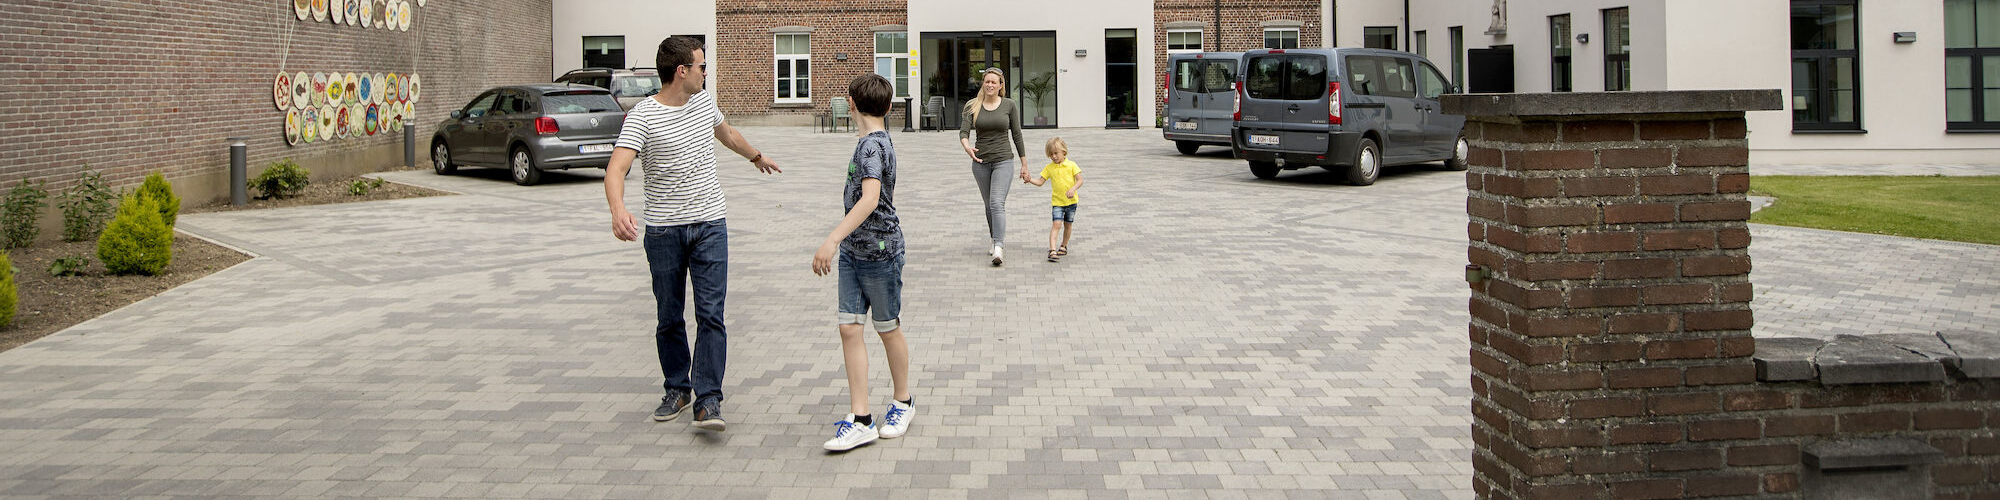 Nieuwe herfsteditie 'Wegwijzer gratis activiteiten'